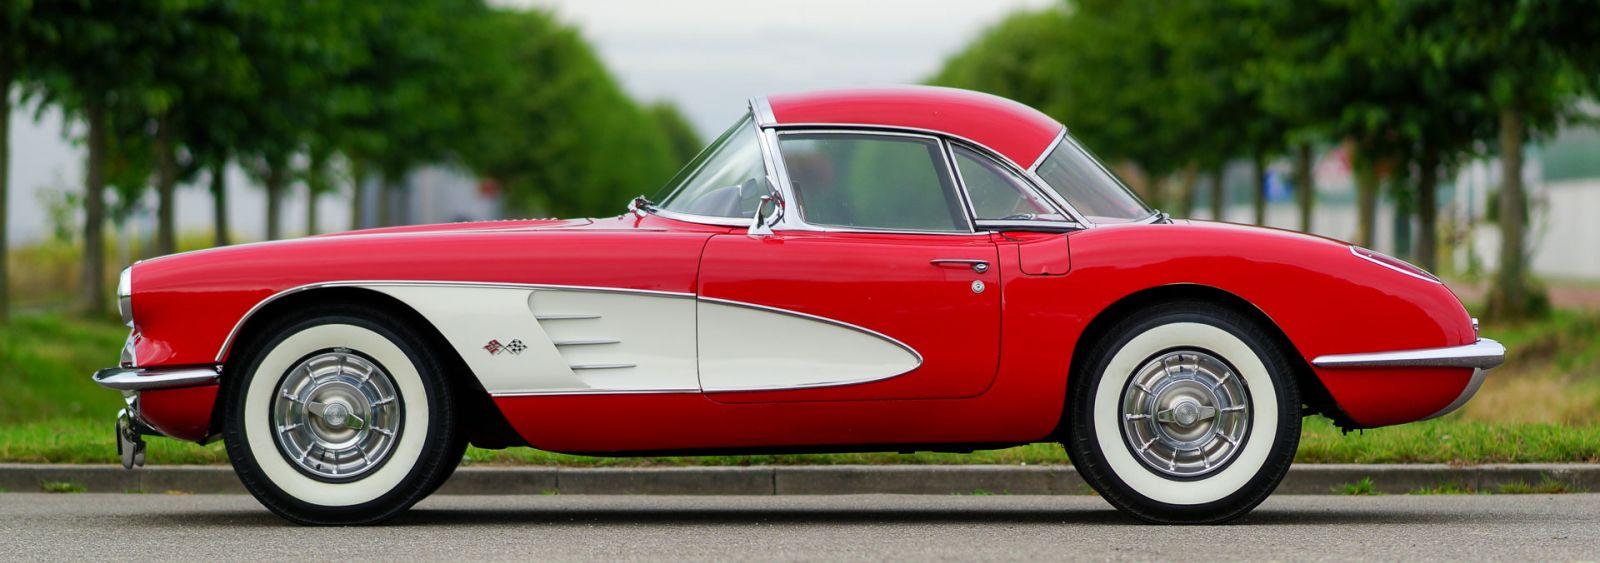 Kelebihan Corvette 1958 Spesifikasi